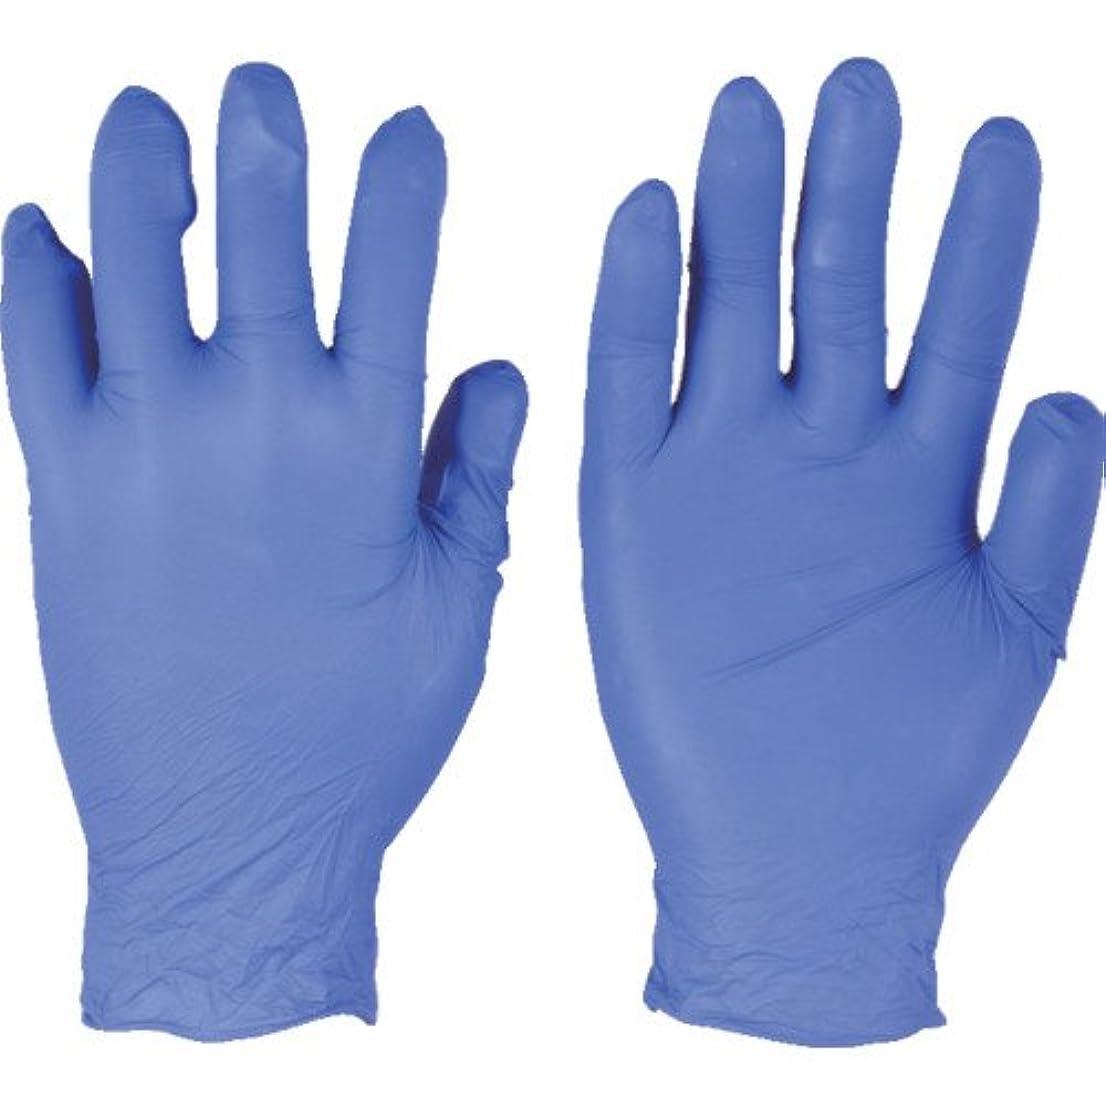 レシピ玉発信トラスコ中山 アンセル ニトリルゴム使い捨て手袋 エッジ 82-133 Sサイズ(300枚入り)  (300枚入) 821337